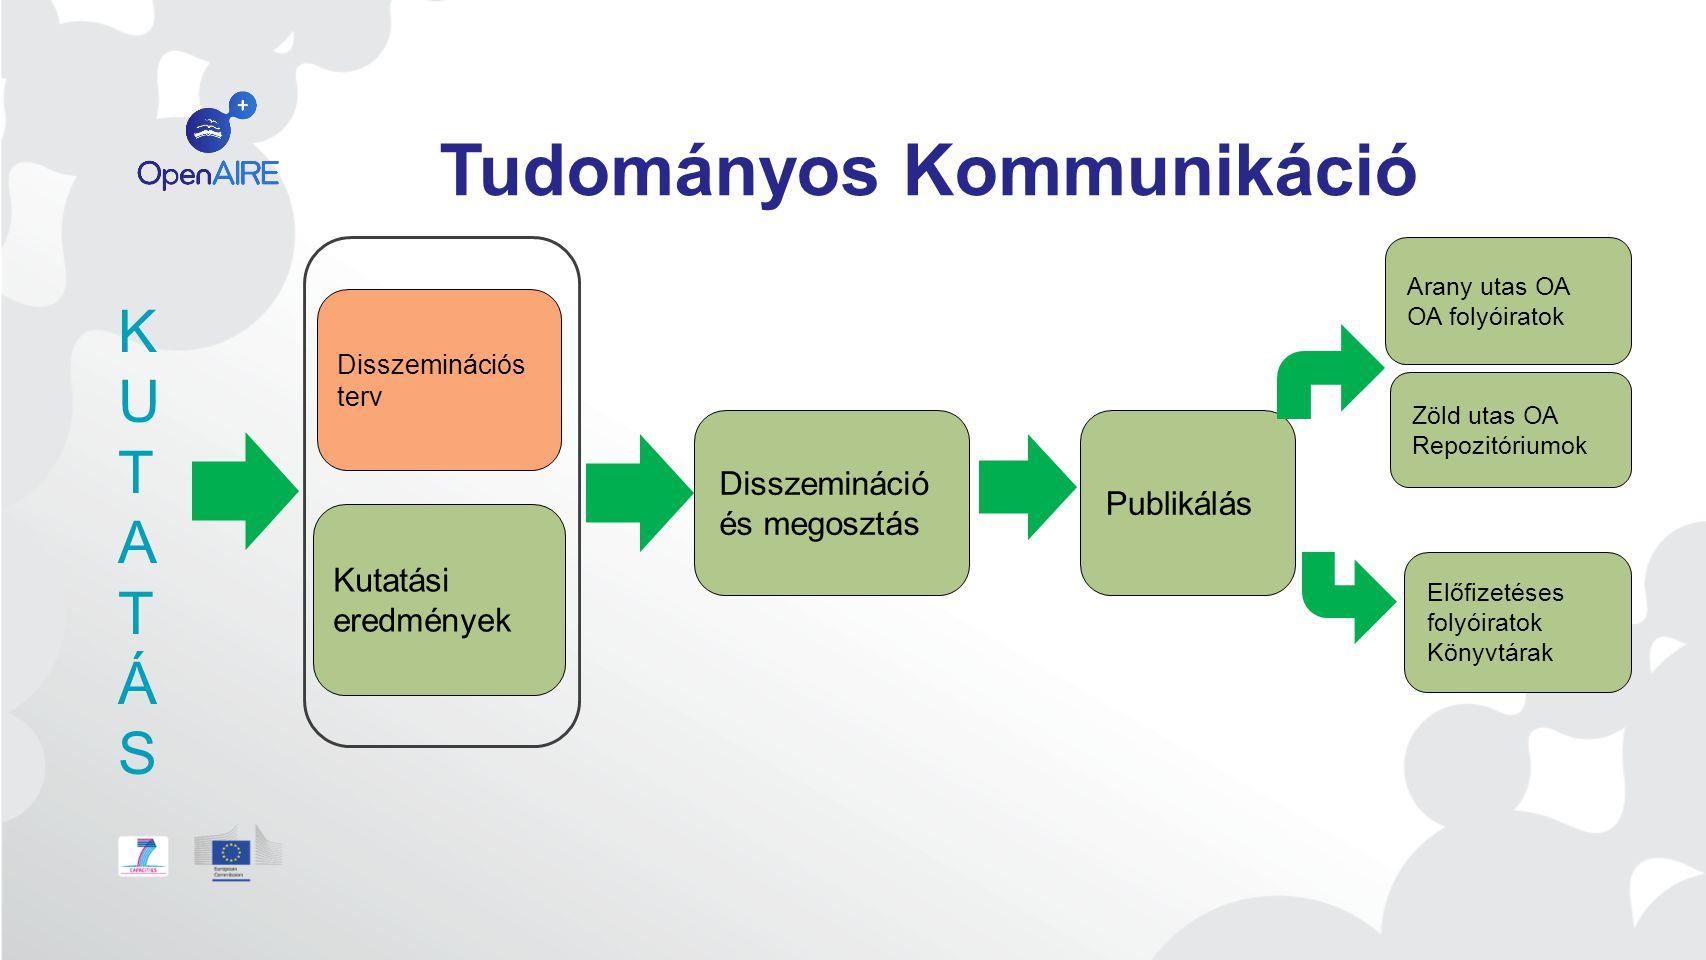 Tudományos Kommunikáció Disszemináció és megosztás Publikálás Kutatási eredmények Disszeminációs terv Arany utas OA OA folyóiratok Zöld utas OA Repozitóriumok Előfizetéses folyóiratok Könyvtárak KUTATÁSKUTATÁS